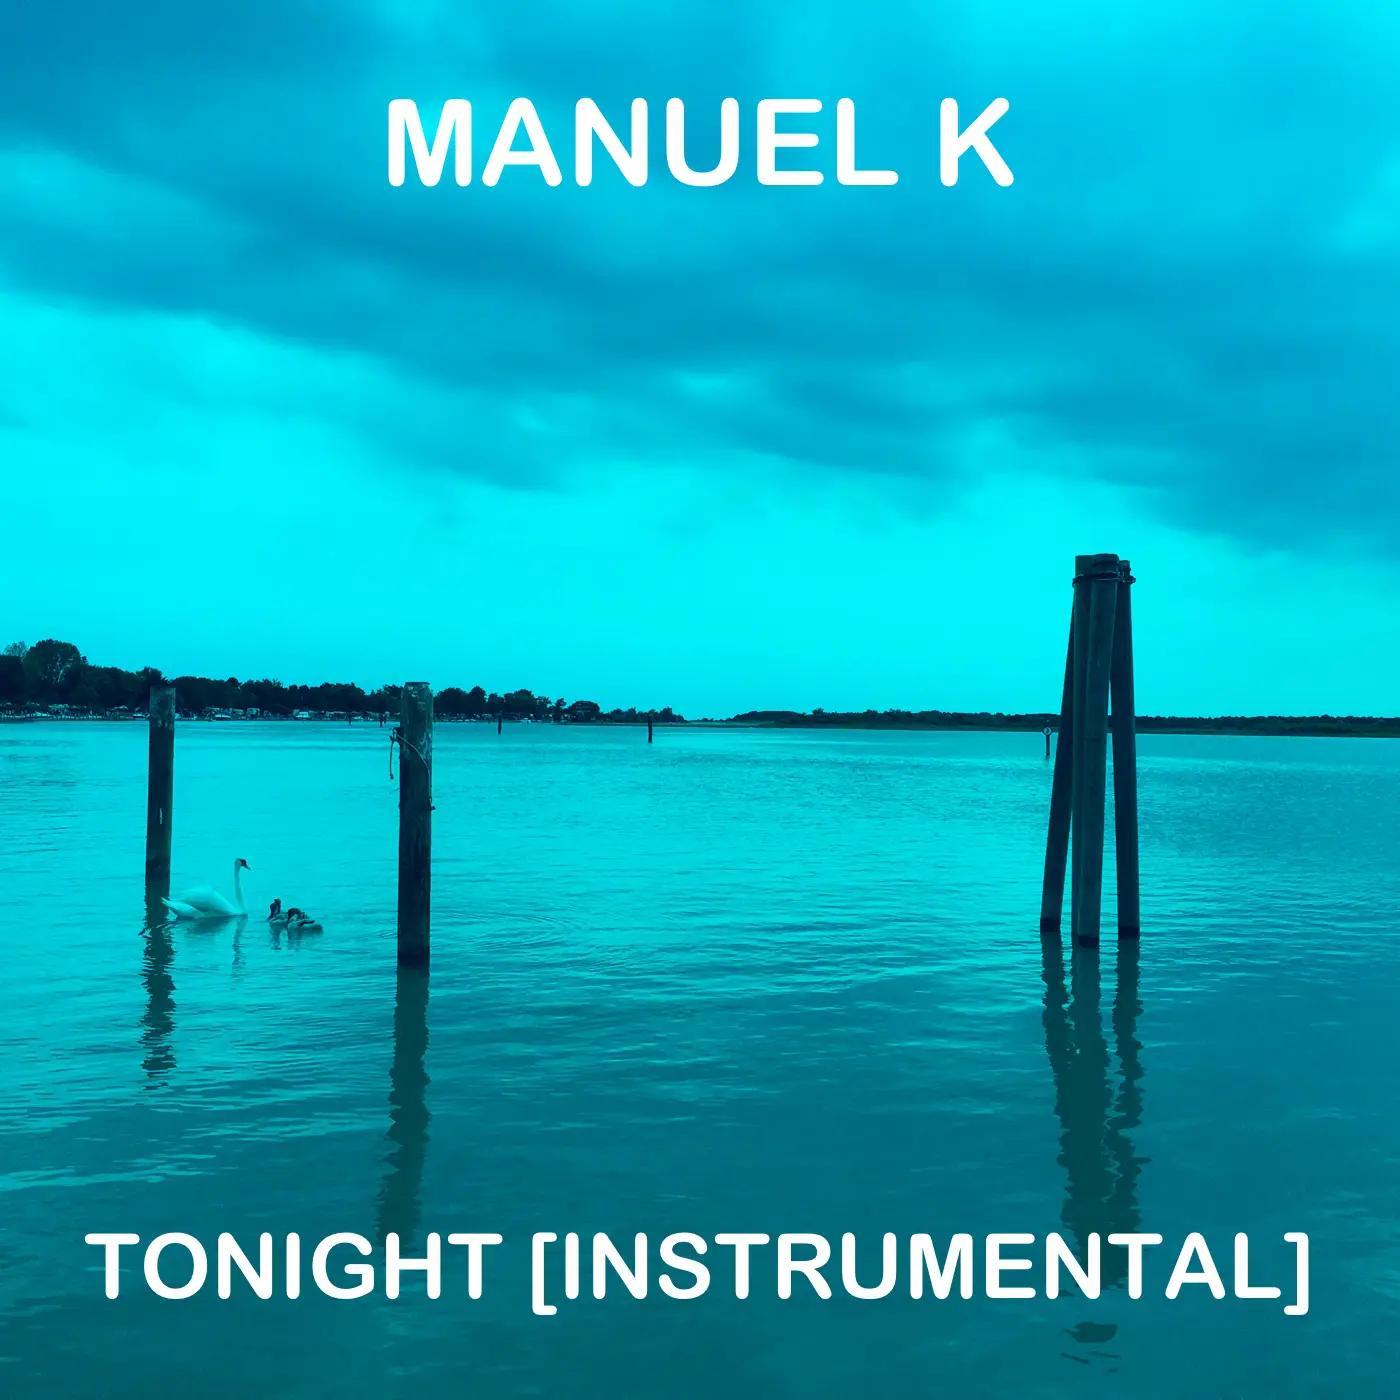 2019_Manuel-K_tonight_instrumental_cover